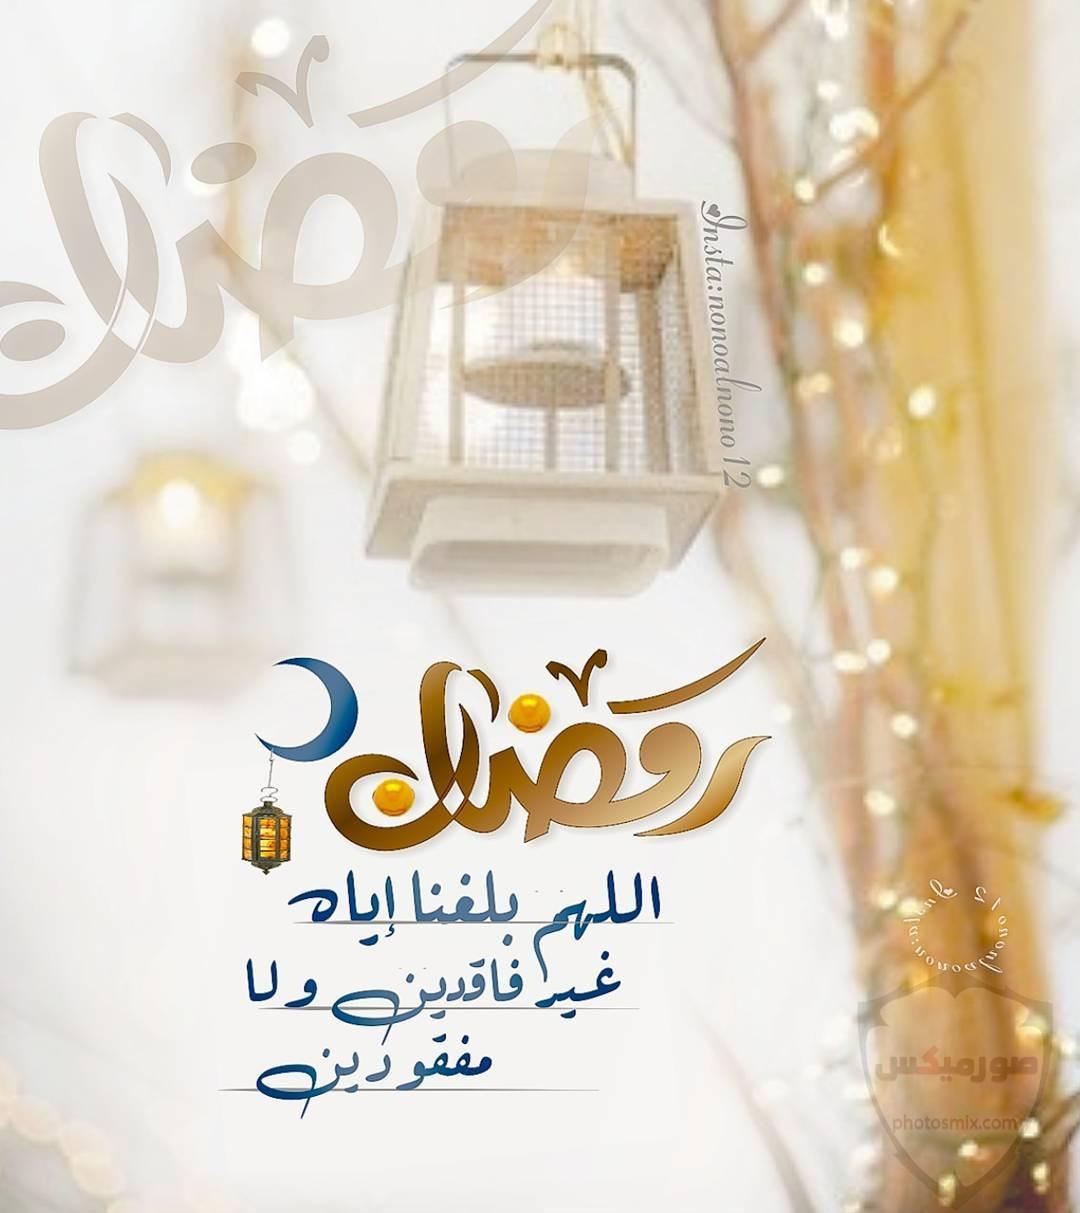 اجمل الصور رمضان كريم 23